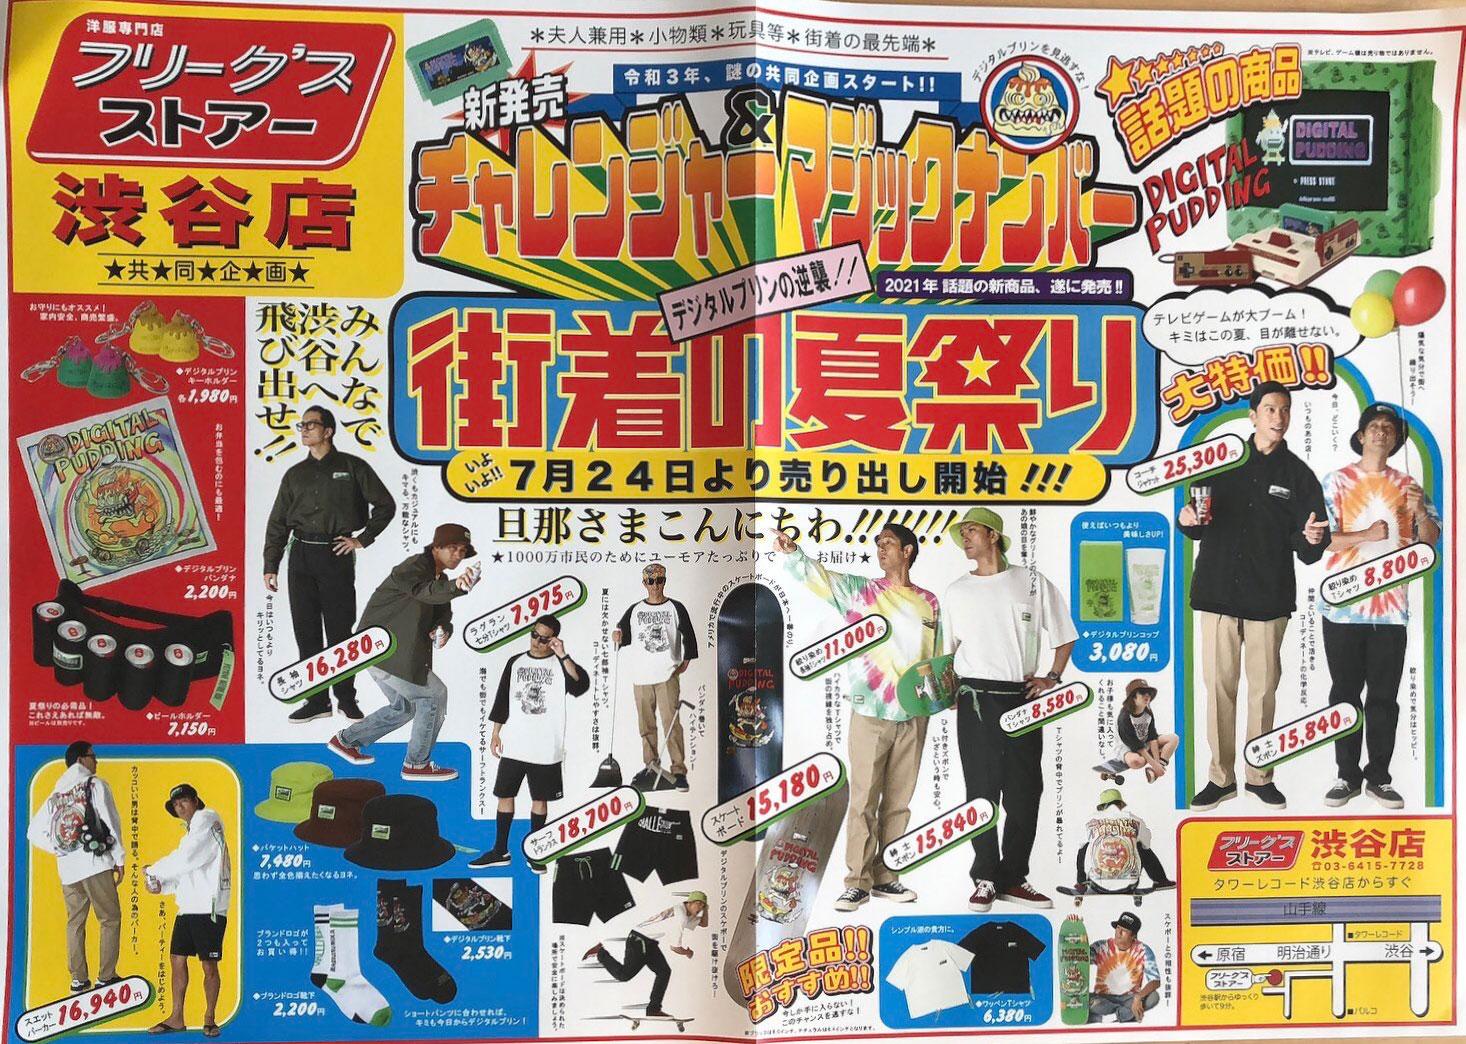 フリークスストア渋谷店が出した広告チラシ